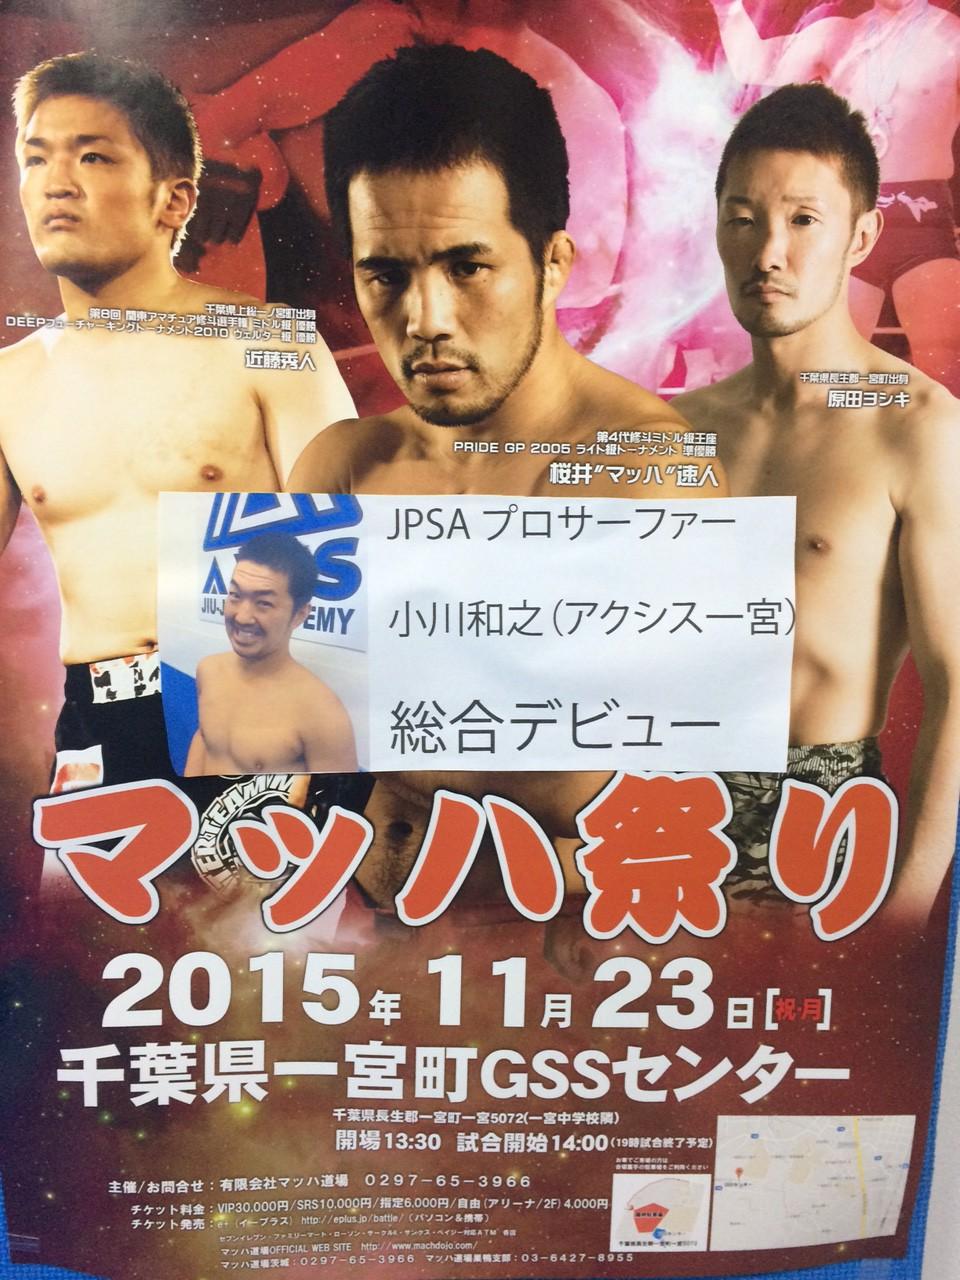 一宮町で総合格闘技イベントマッハ祭り開催